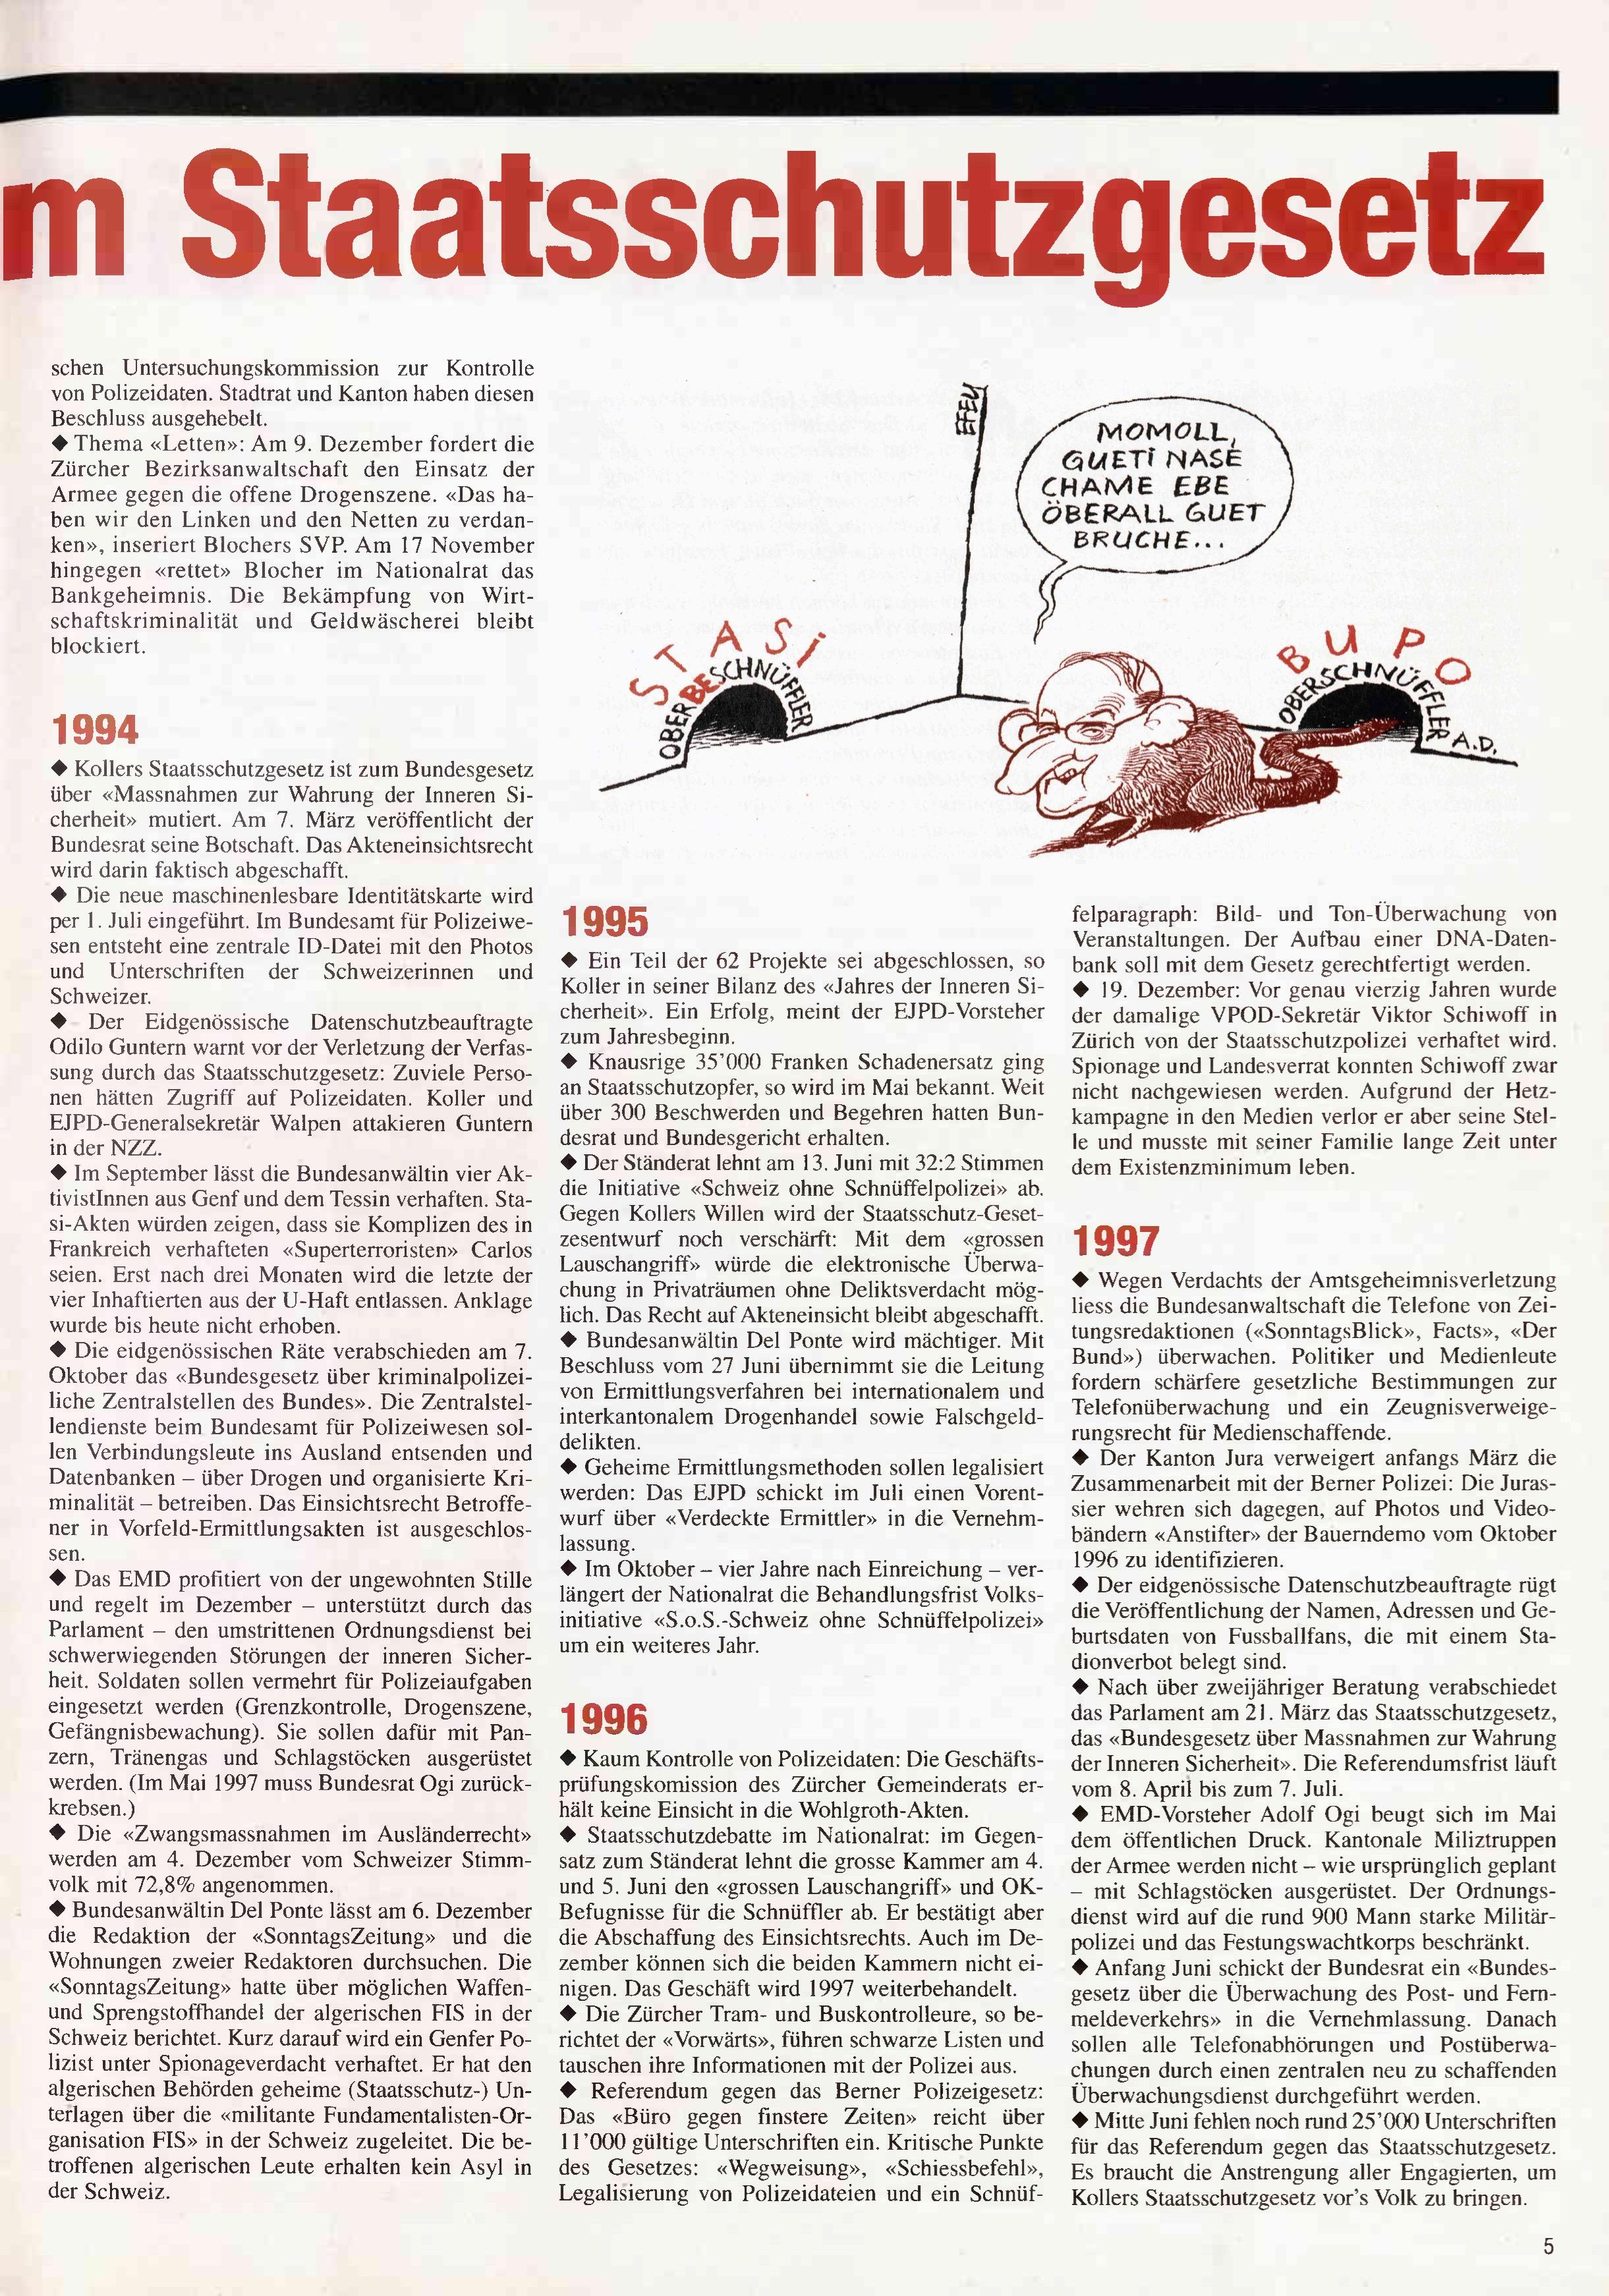 FICHEN FRITZ NR. 29 - SEITE 5